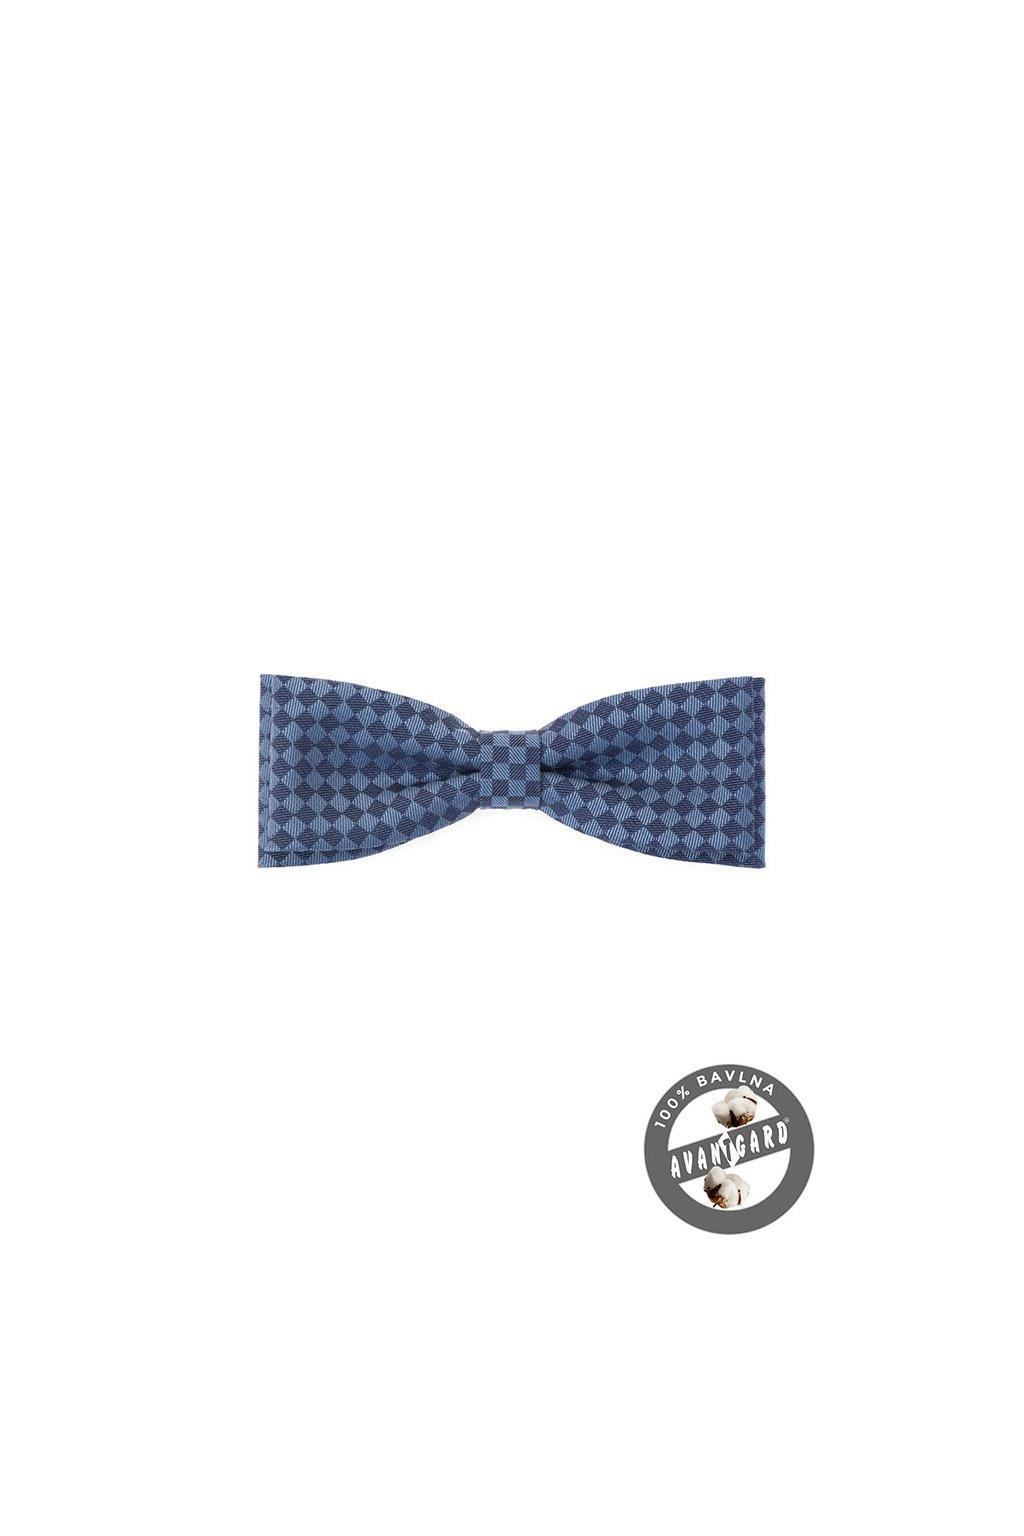 Pánský motýlek modrý kosočtverec 576 - 51005